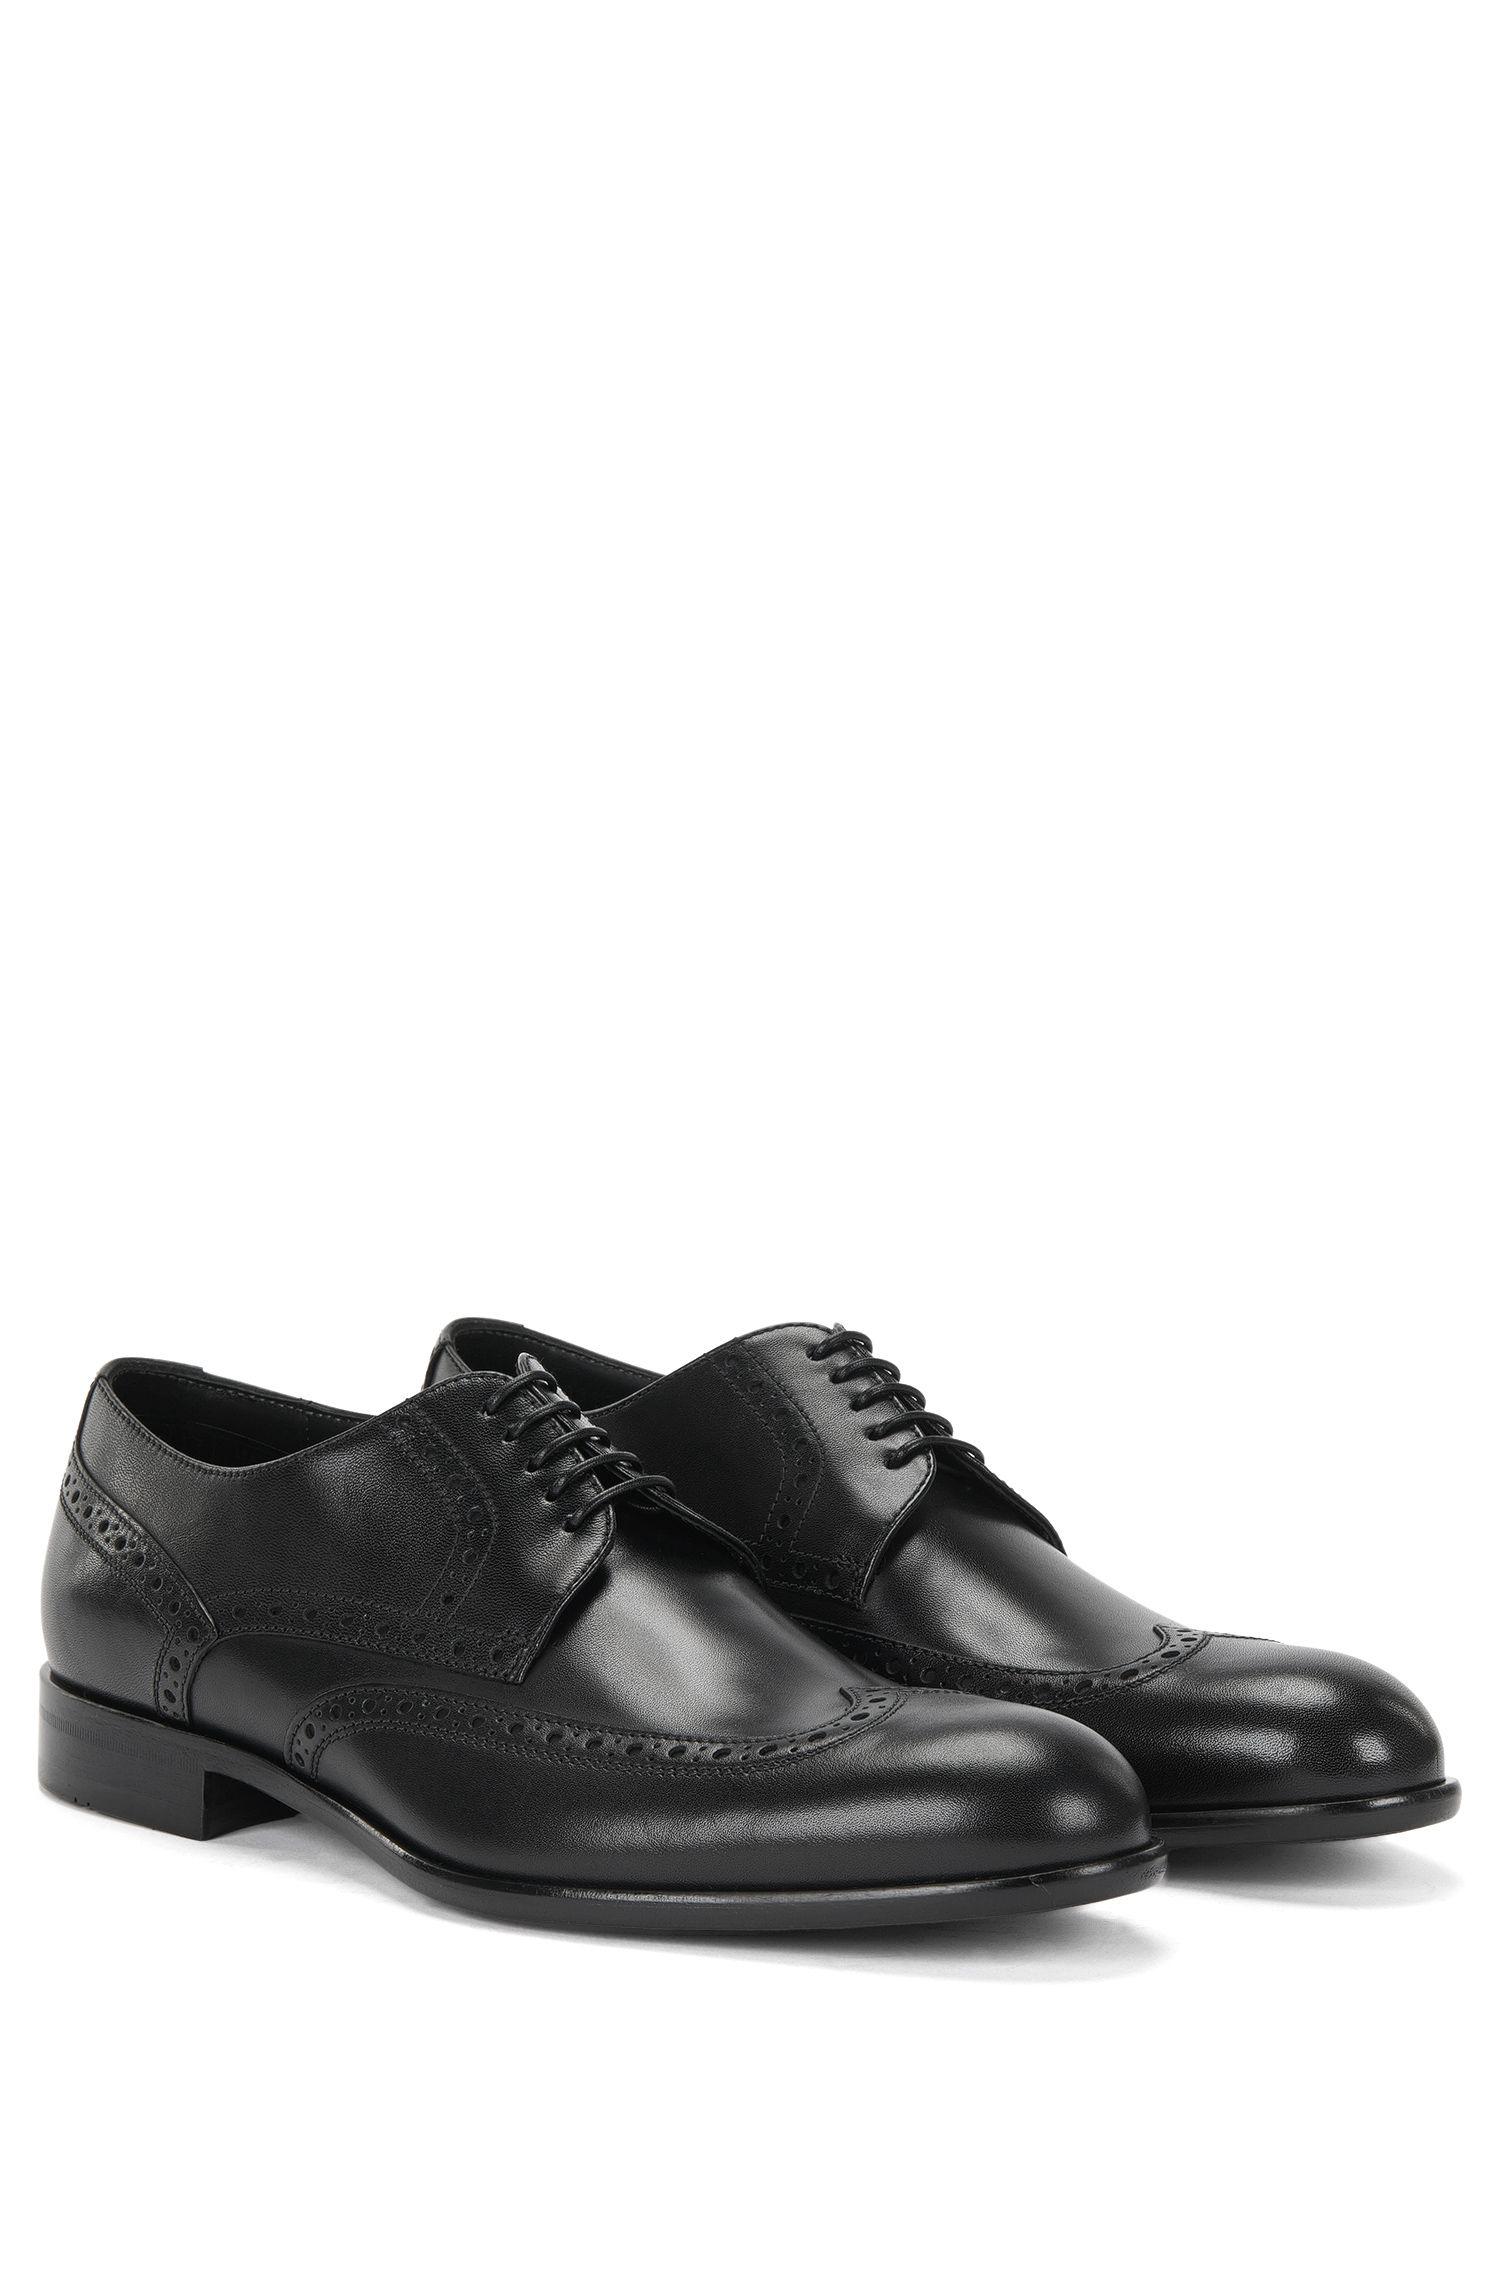 'Manperd' | Italian Calfskin Wingtip Derby Dress Shoes